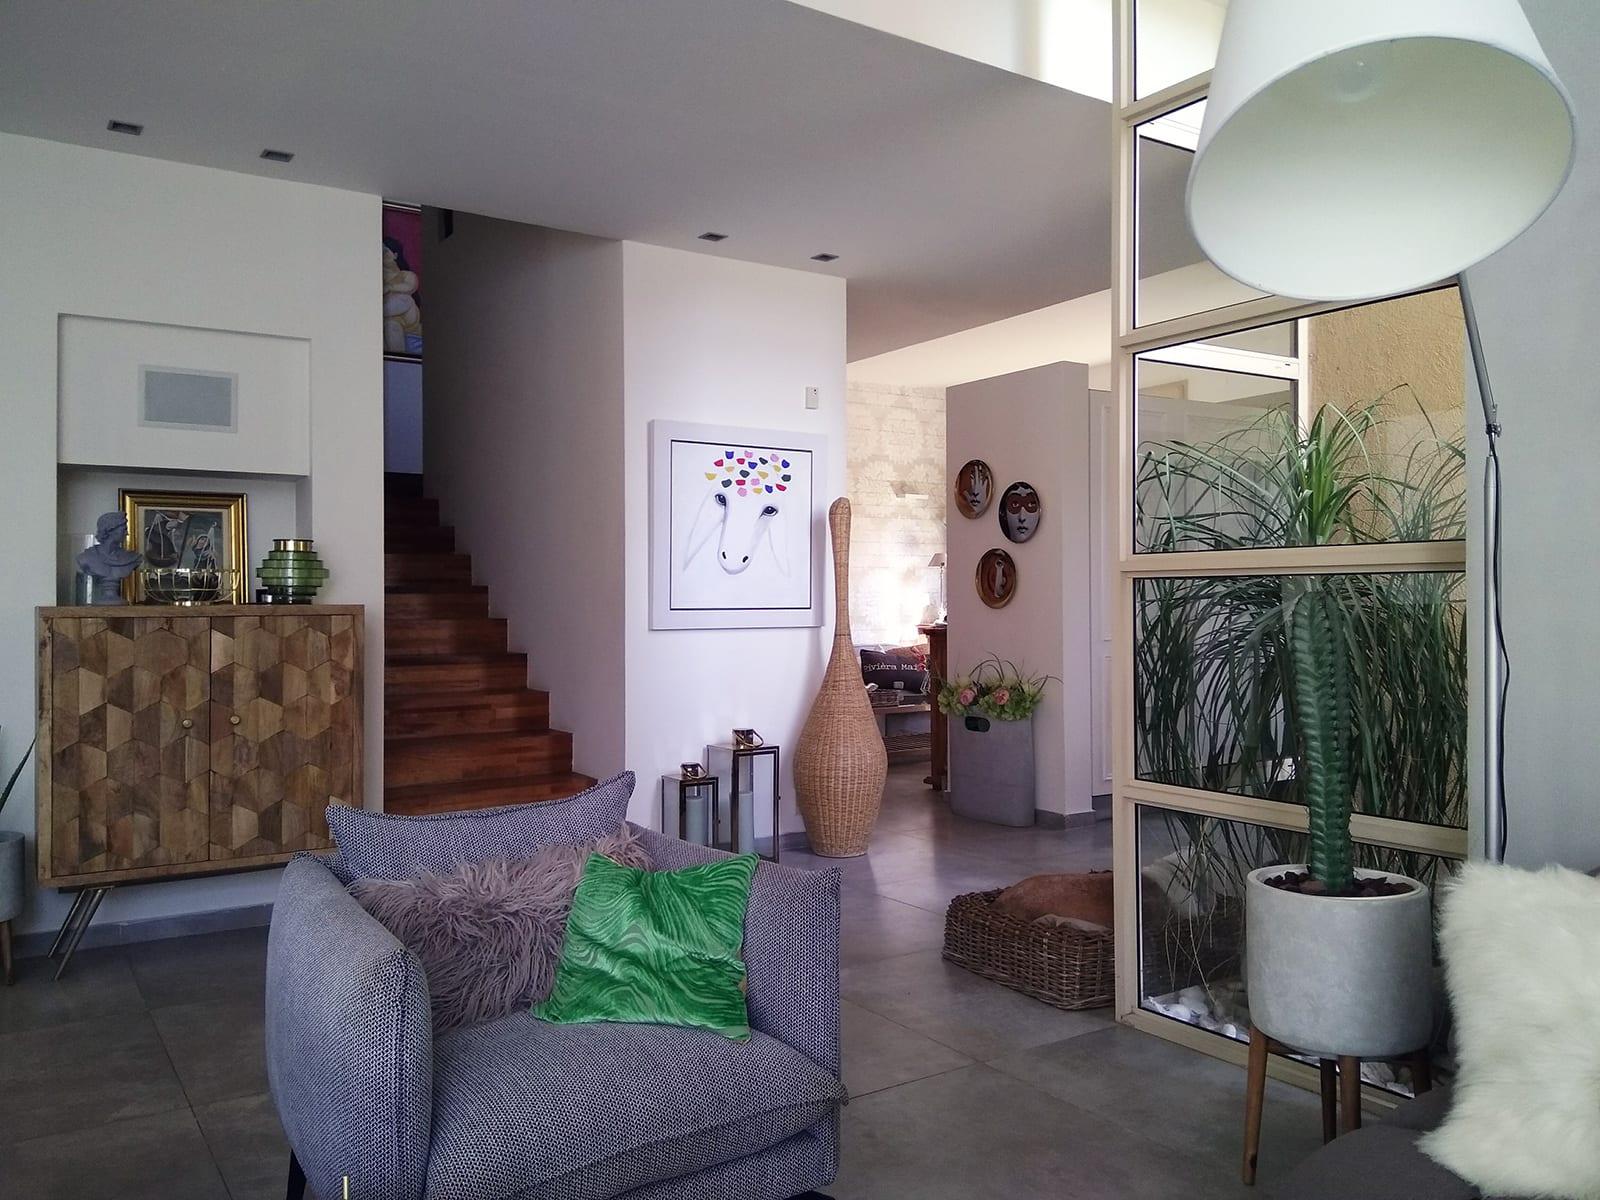 הסלון בבית למכירה בקדימה בכפר - סטייל ועיצוב ברמה גבוהה